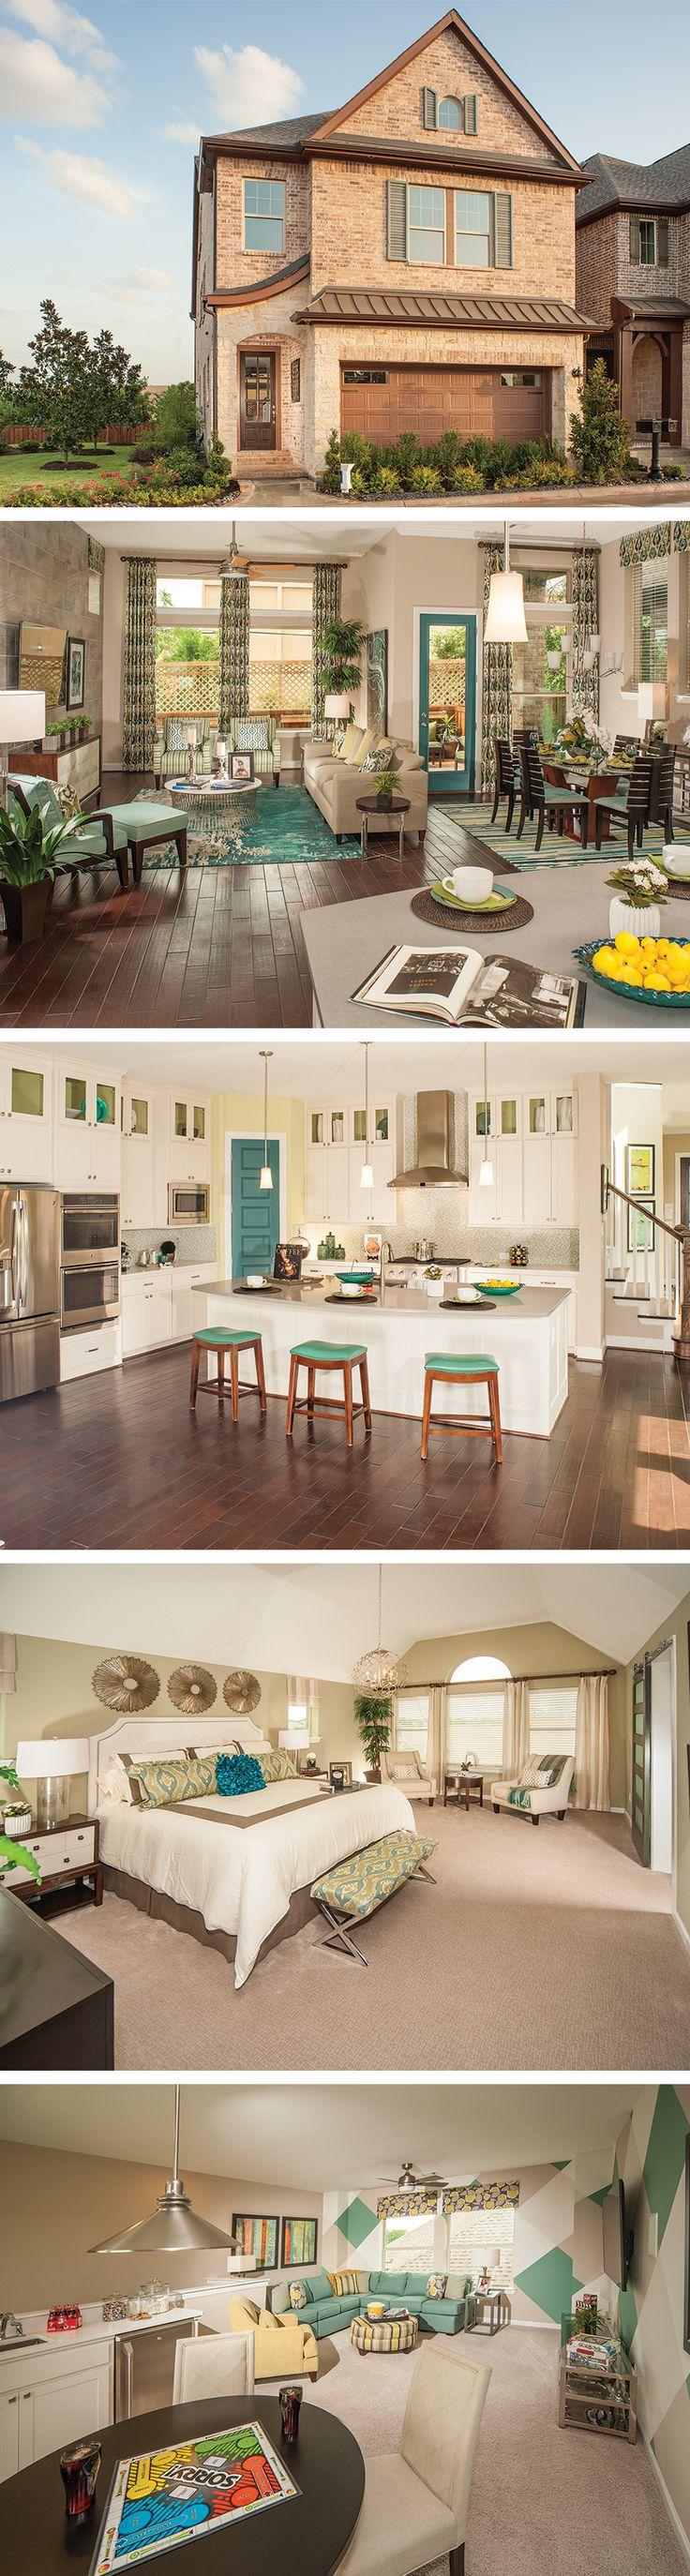 best 25 villas ideas only on pinterest villa villa plan and